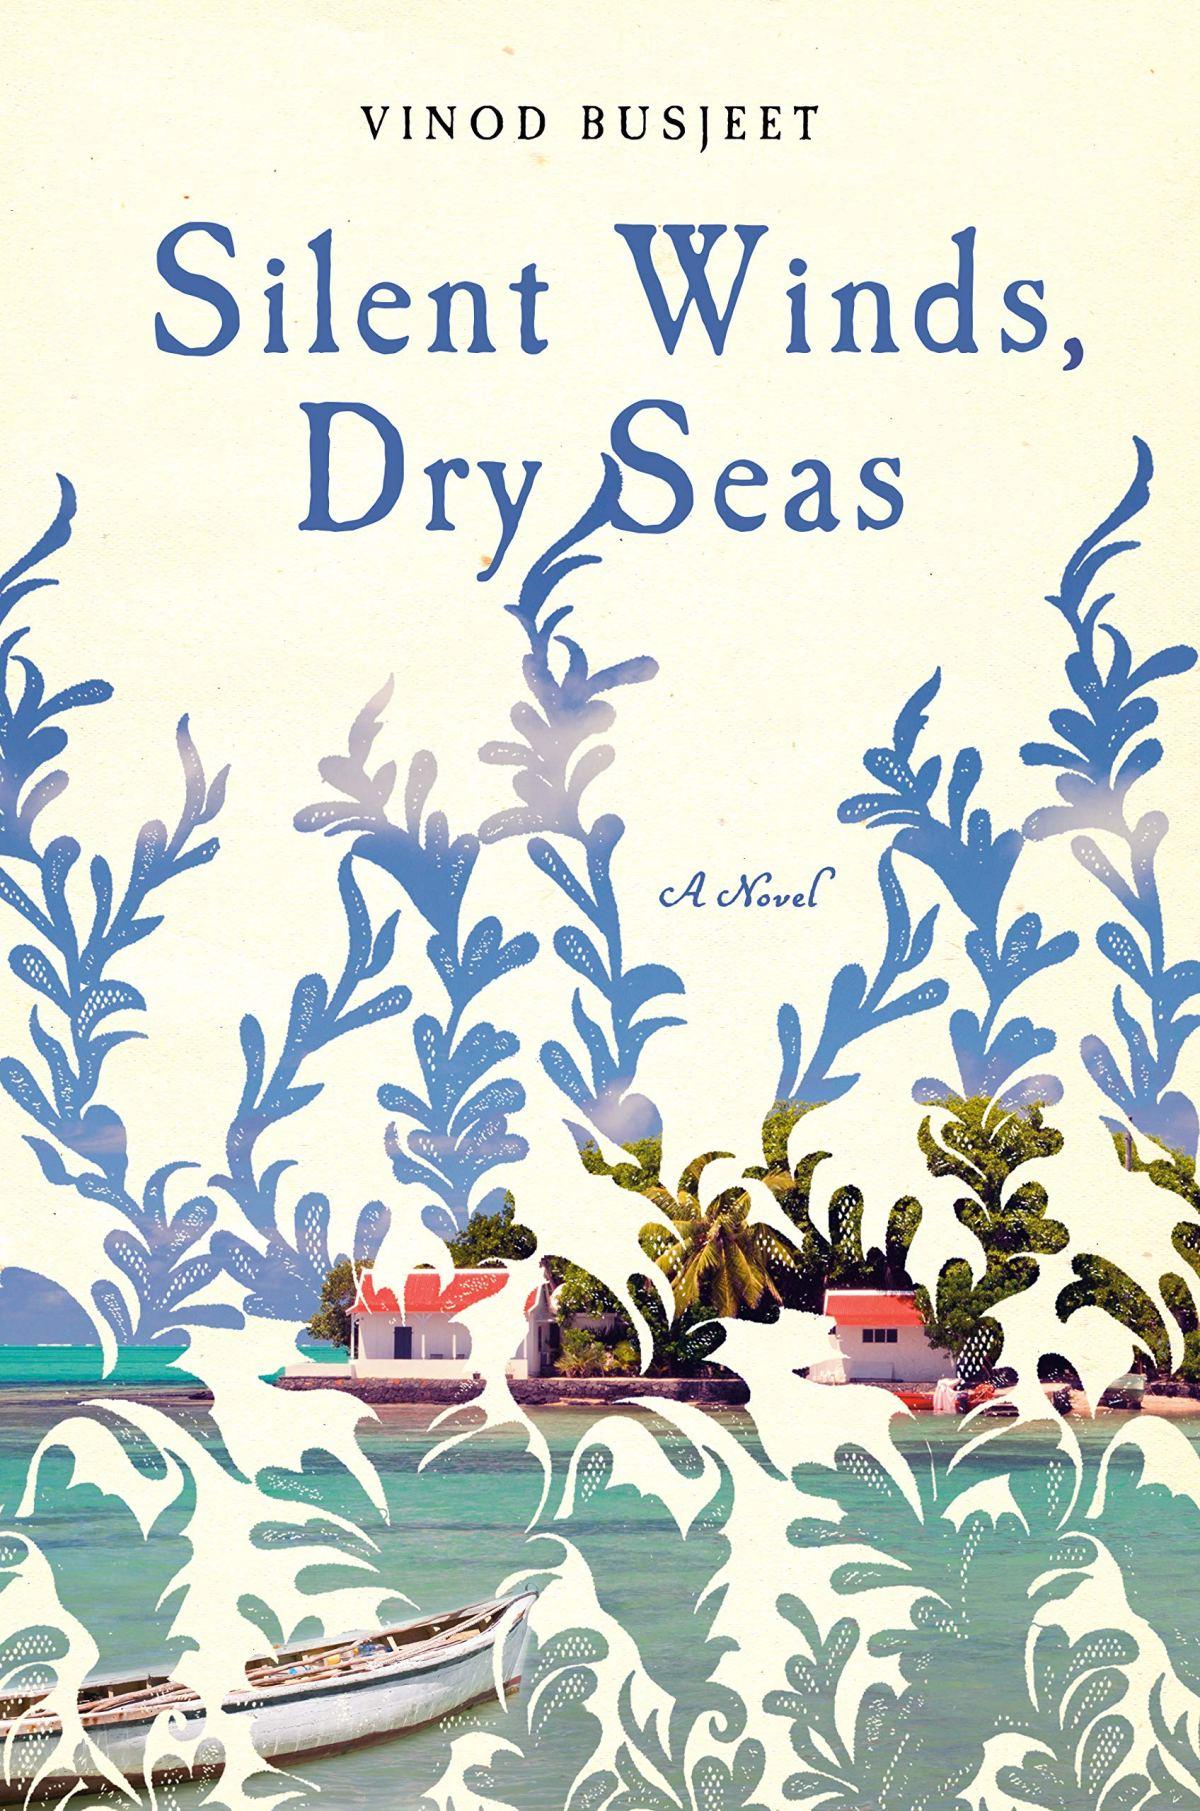 Vinod Busjeet - Silent Winds, Dry Seas